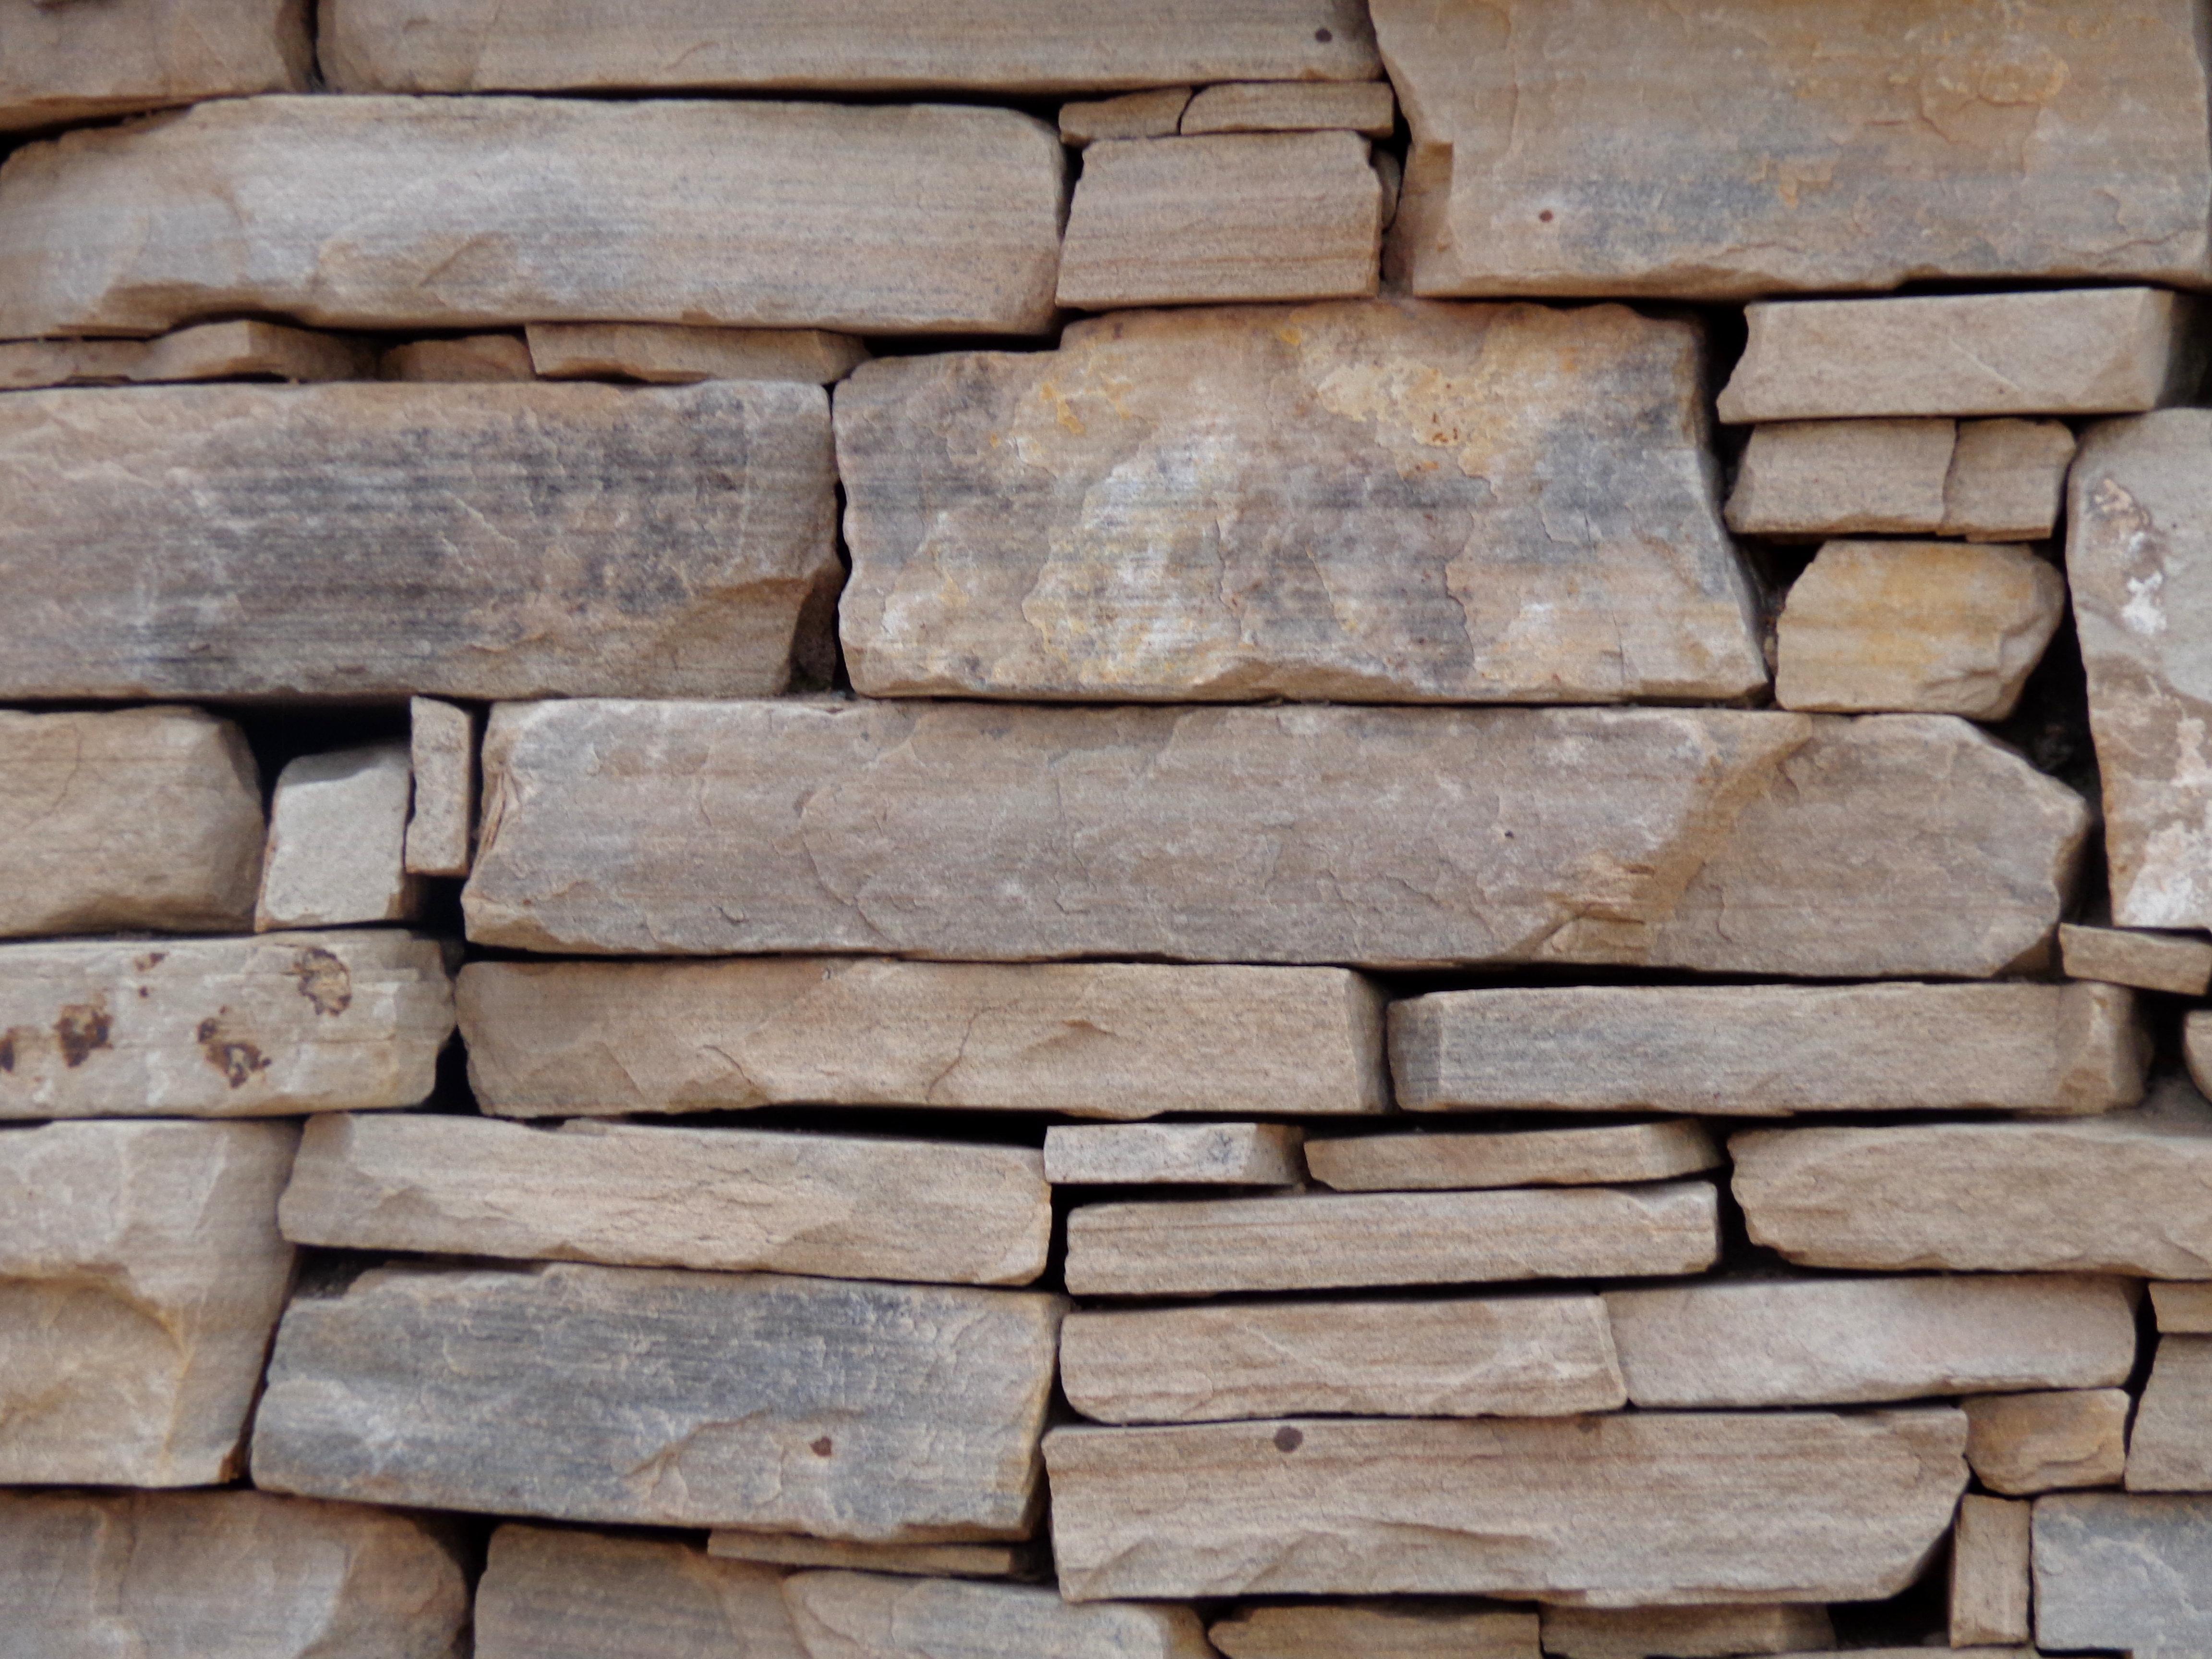 4608x3456 Brick Walls Pictures Free Photographs Photos Public Domain